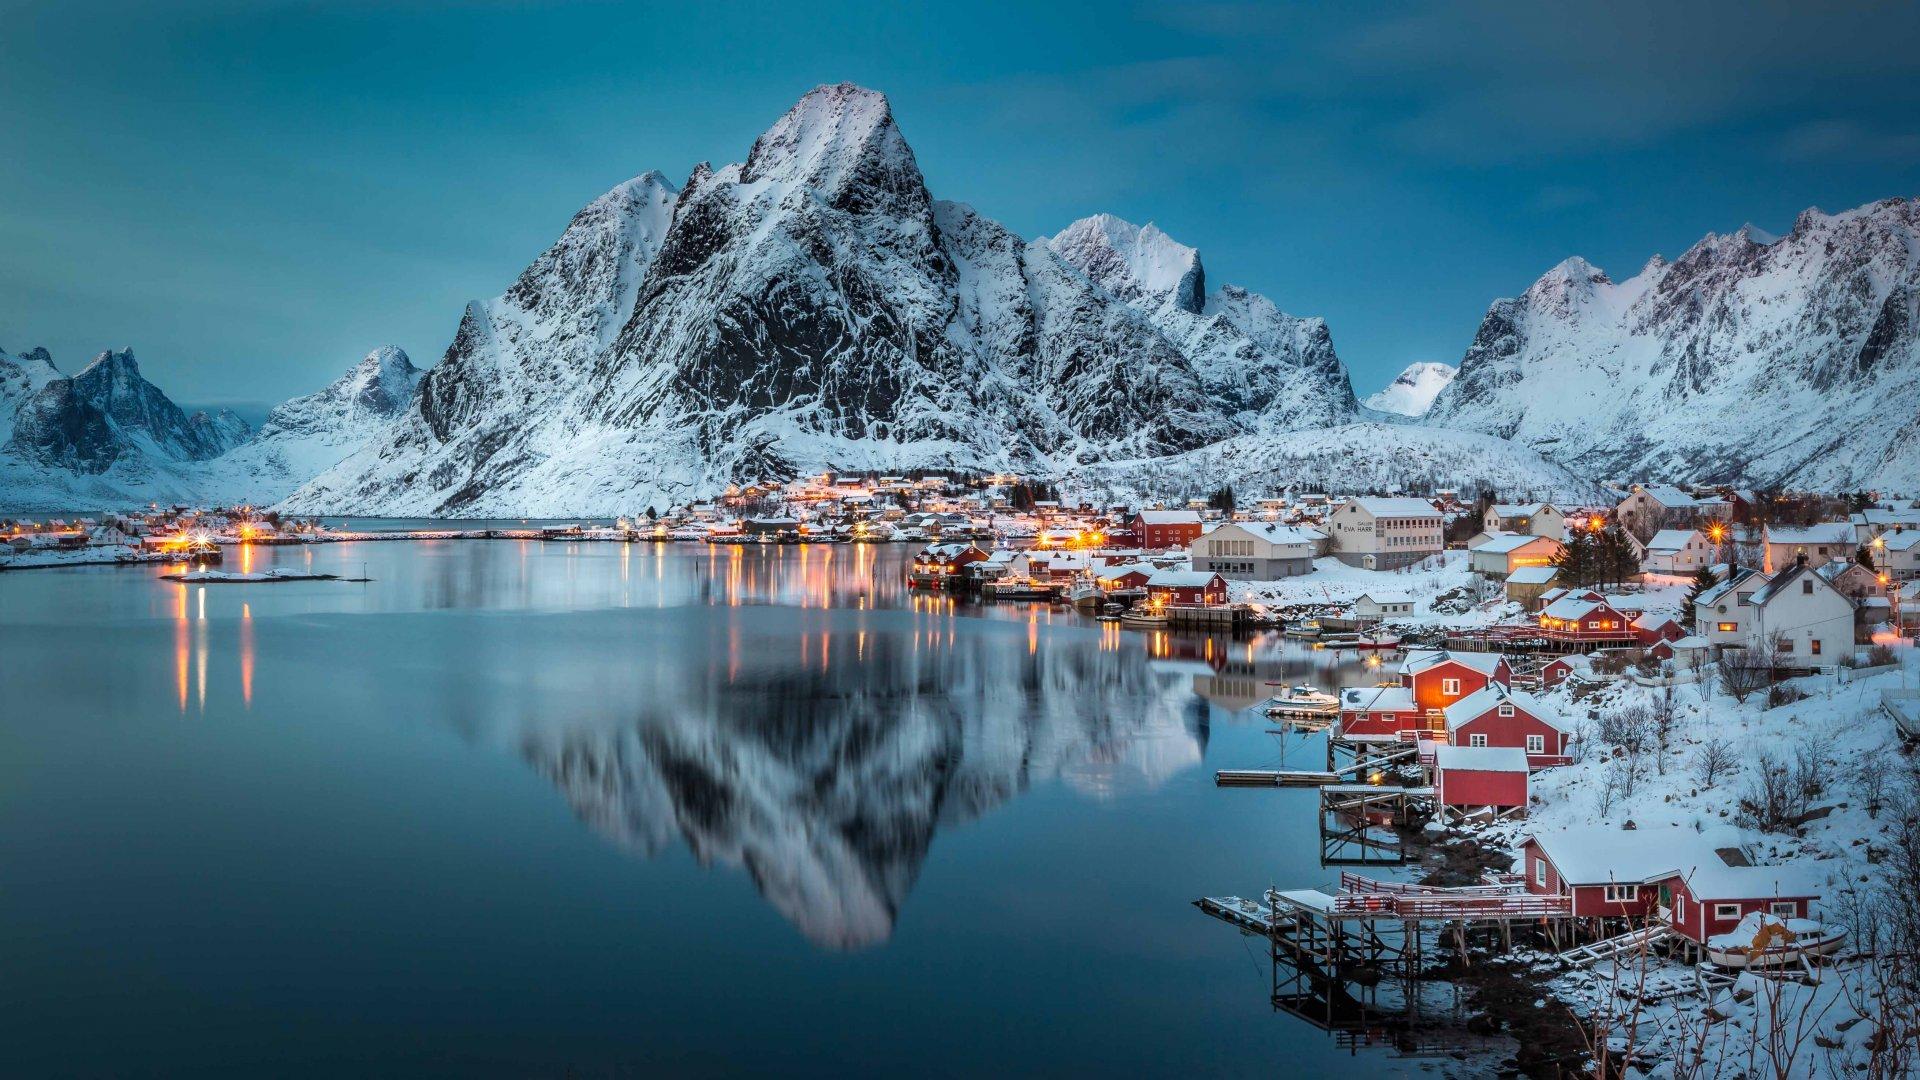 A village at night in Reine, Norway.